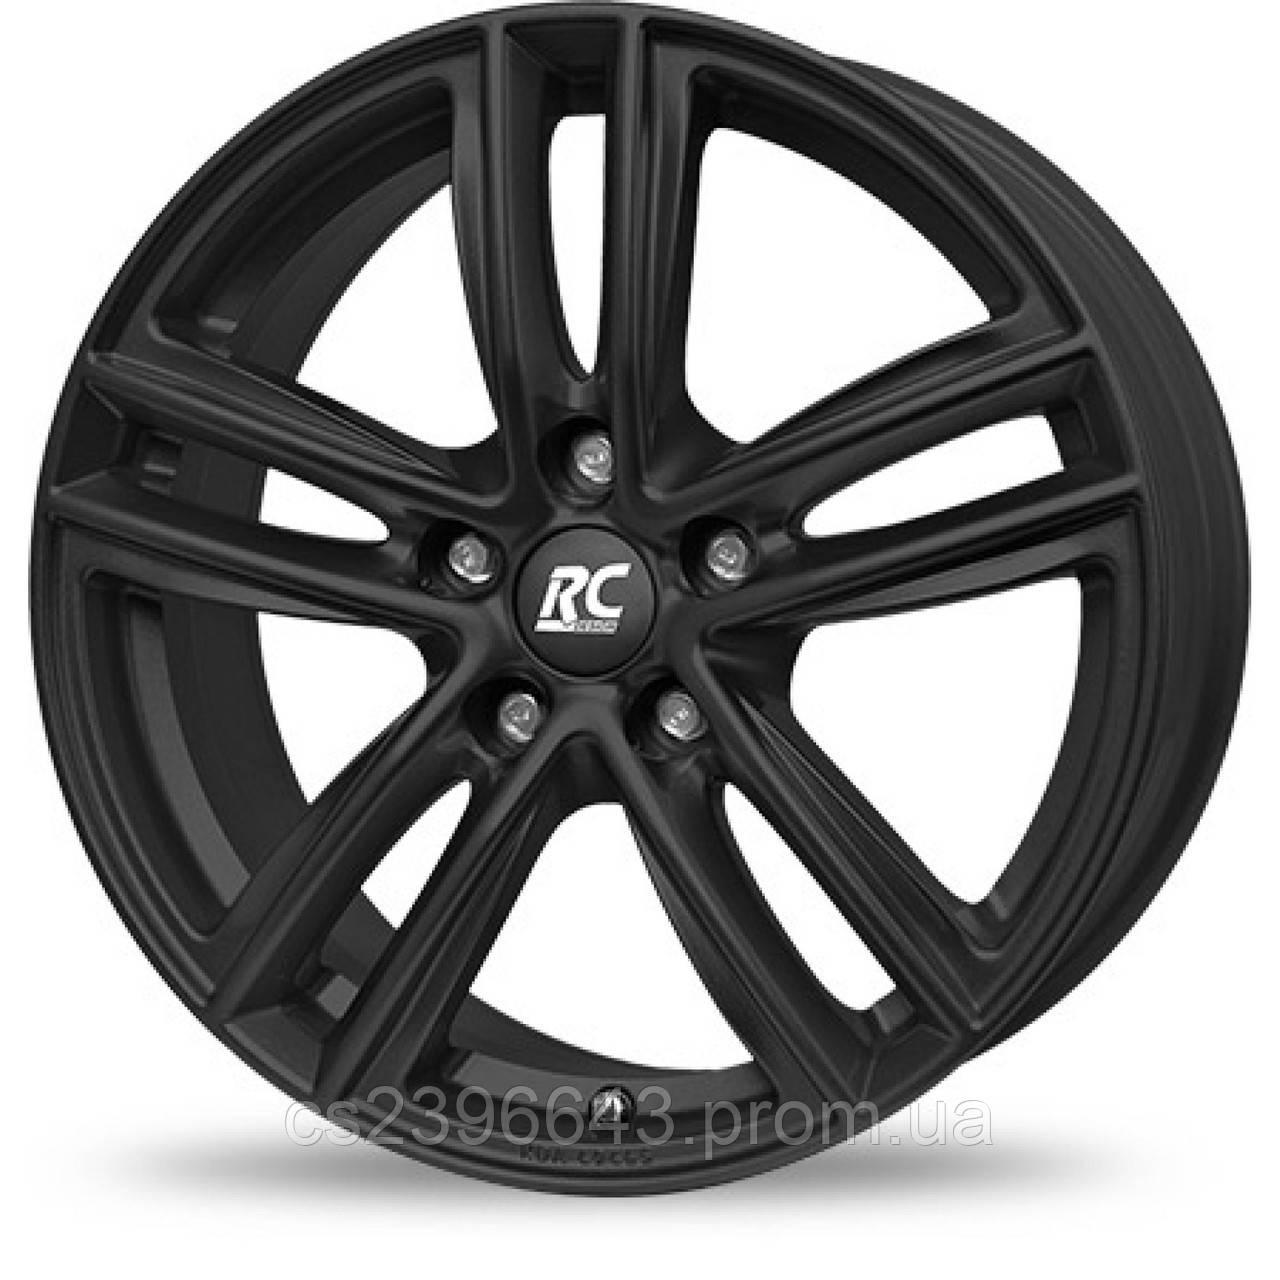 Колесный диск RC Design RC27 19x8 ET55